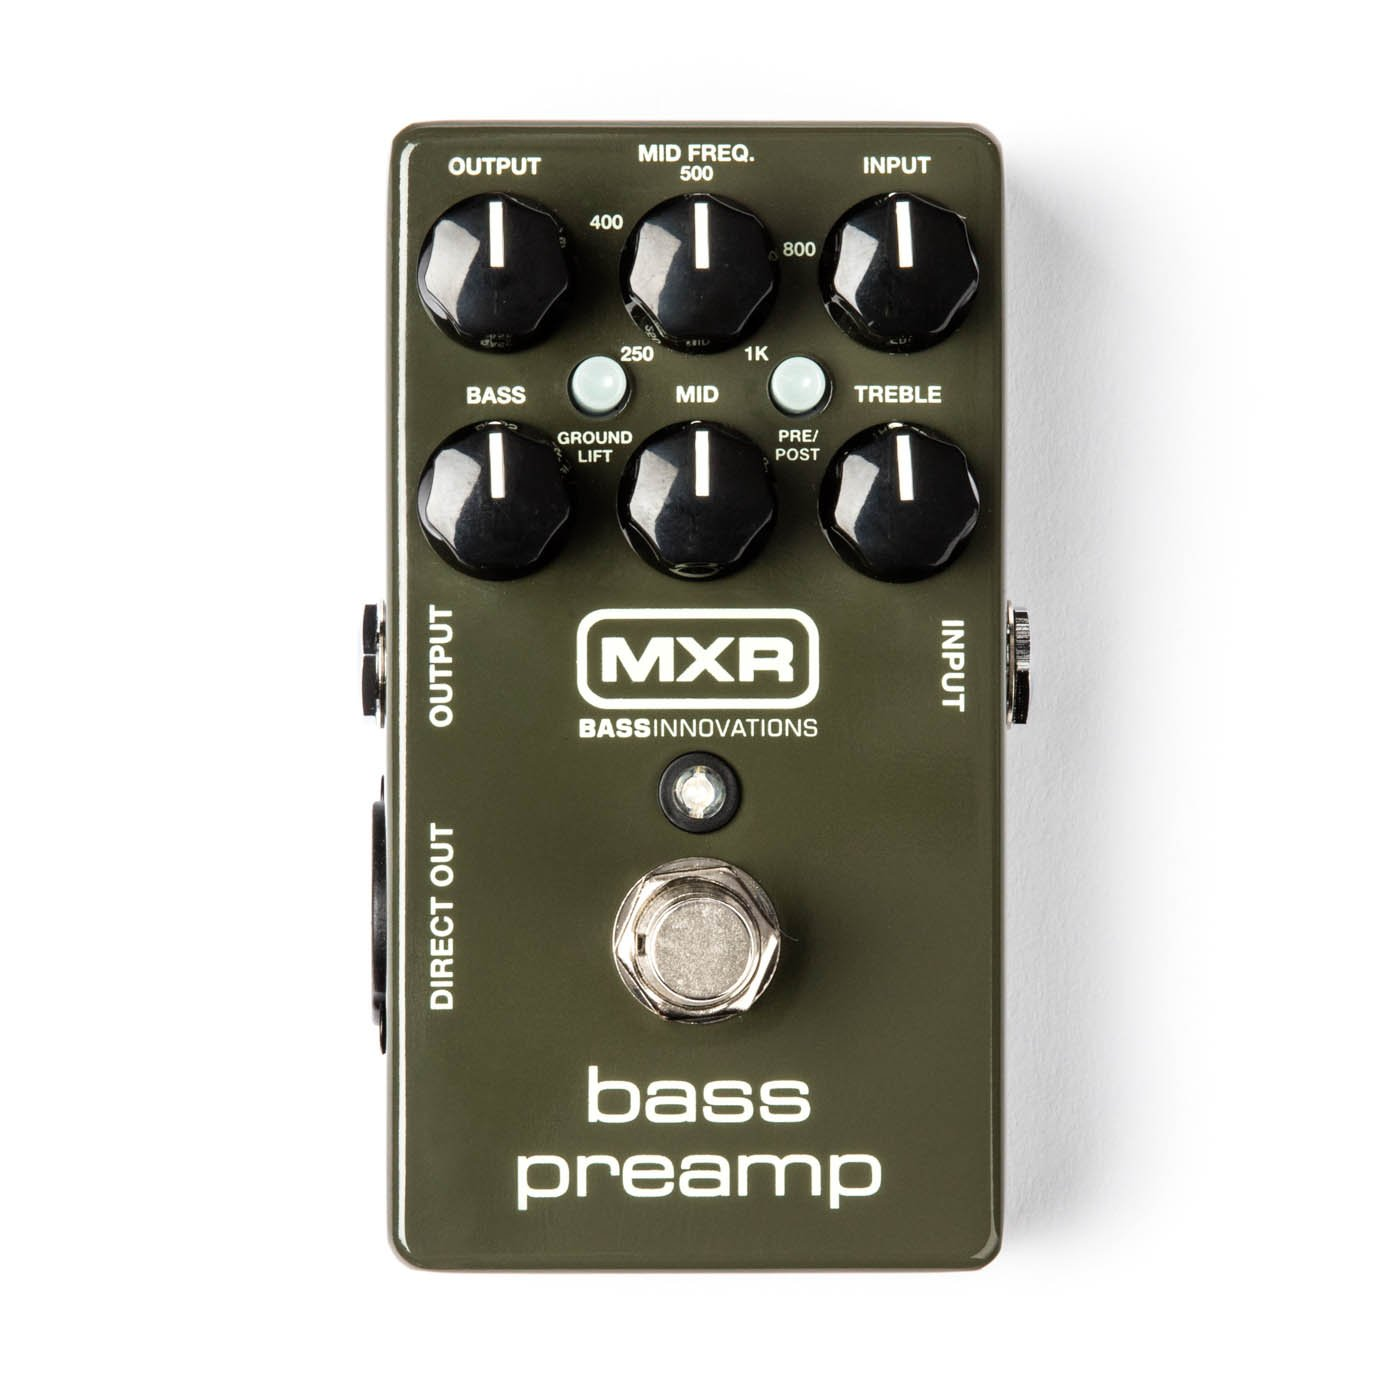 MXR Bass Preamp M81